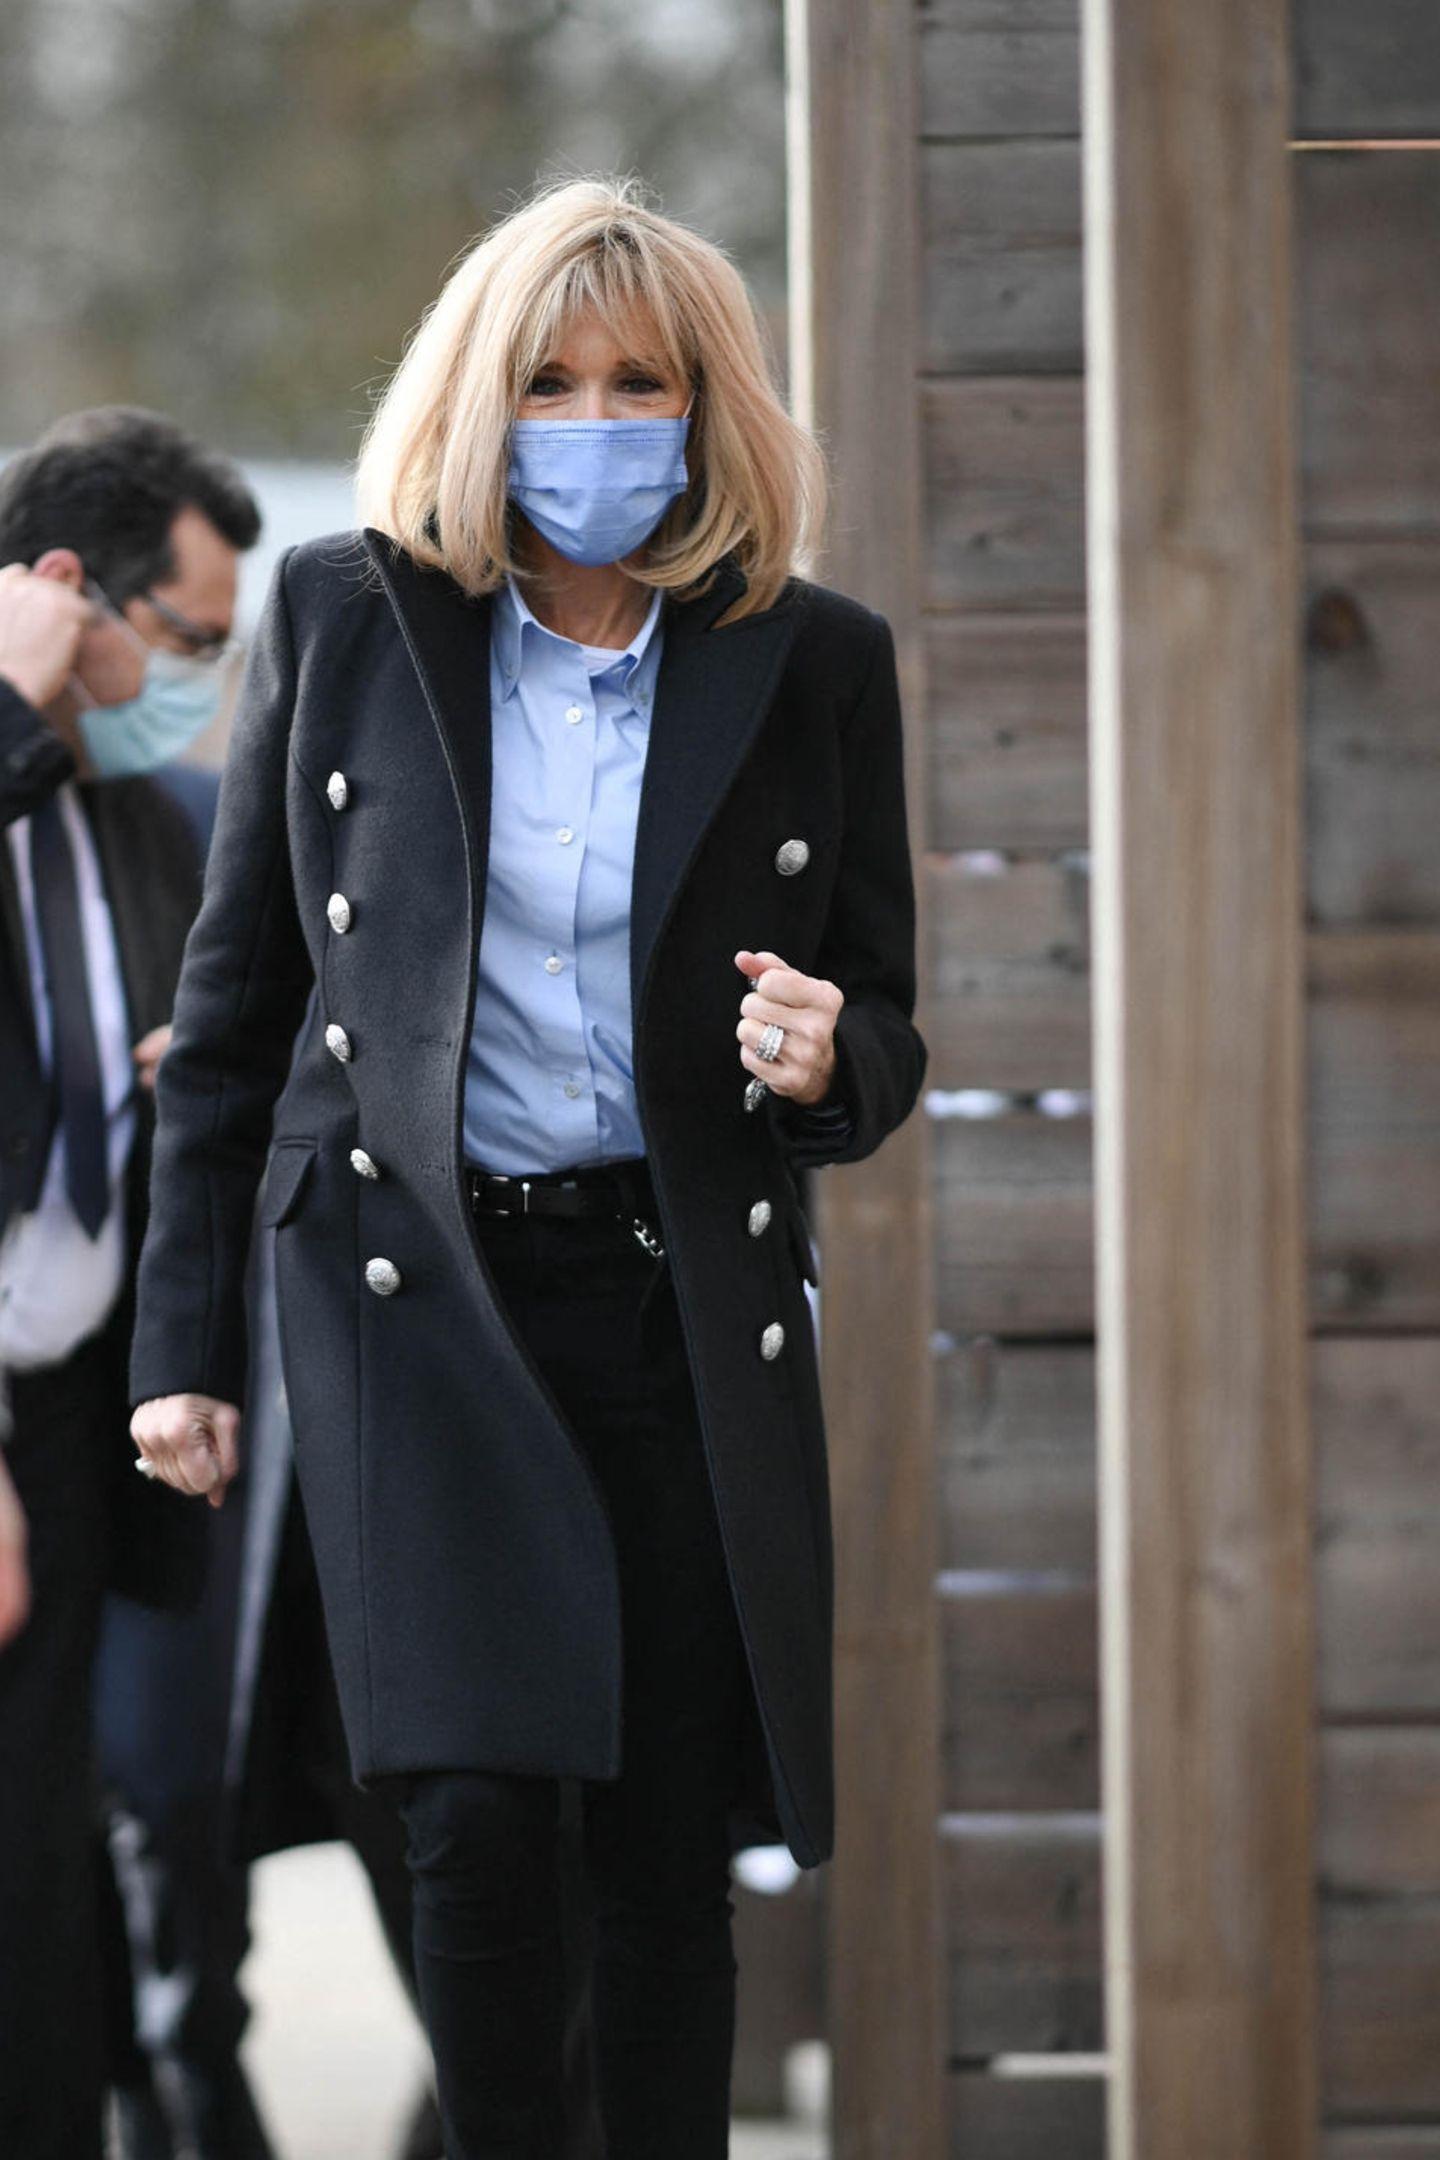 Hier ist mal wieder der Beweis: Brigitte Macron hat einfach Stil! Bei dem Besuch desKinderkrankenhauses in Bullion beweist die französische Première Dame ihr Know How. Sie kombiniert eine klassische Bluse zur engen, schwarzen Jeans. Die Ankle Boots mit derbem Blockabsatz machen das elegante Outfit ein bisschen lässiger – genauso, wie die silberne Kette, die sie seitlich an der Hose trägt. So ein Accessoire haben wir an ihr ja noch nie gesehen, wie ungewöhnlich! Der Wollmantel mit silbernen Knöpfen sorgt wiederumfür die nötige Portion Klasse.